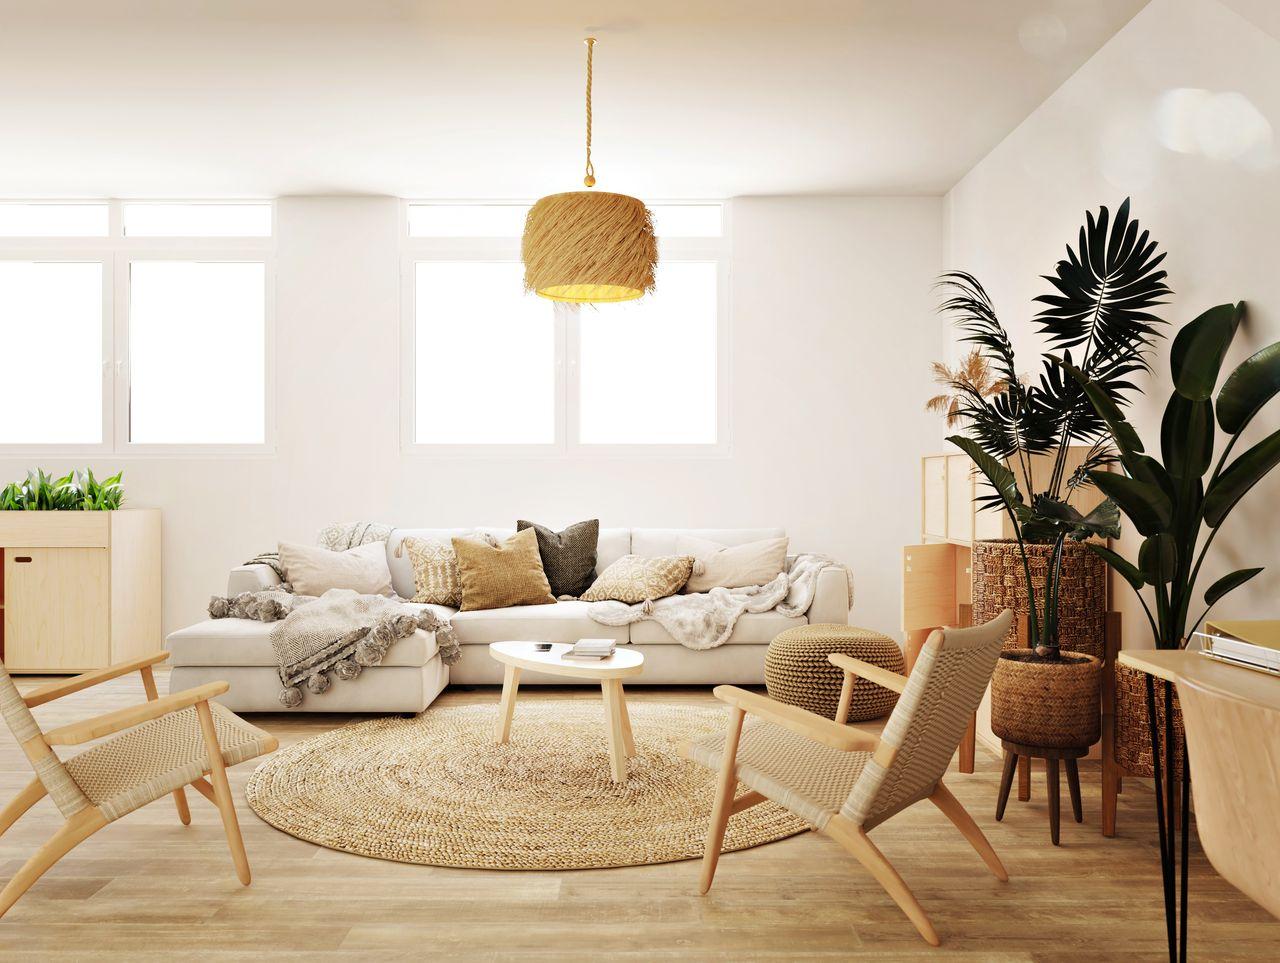 table basse en bois en forme de galet placée devant un canapé, dans une salle de pause informelle à l'ambiance bohème ethnique végétale et moderne